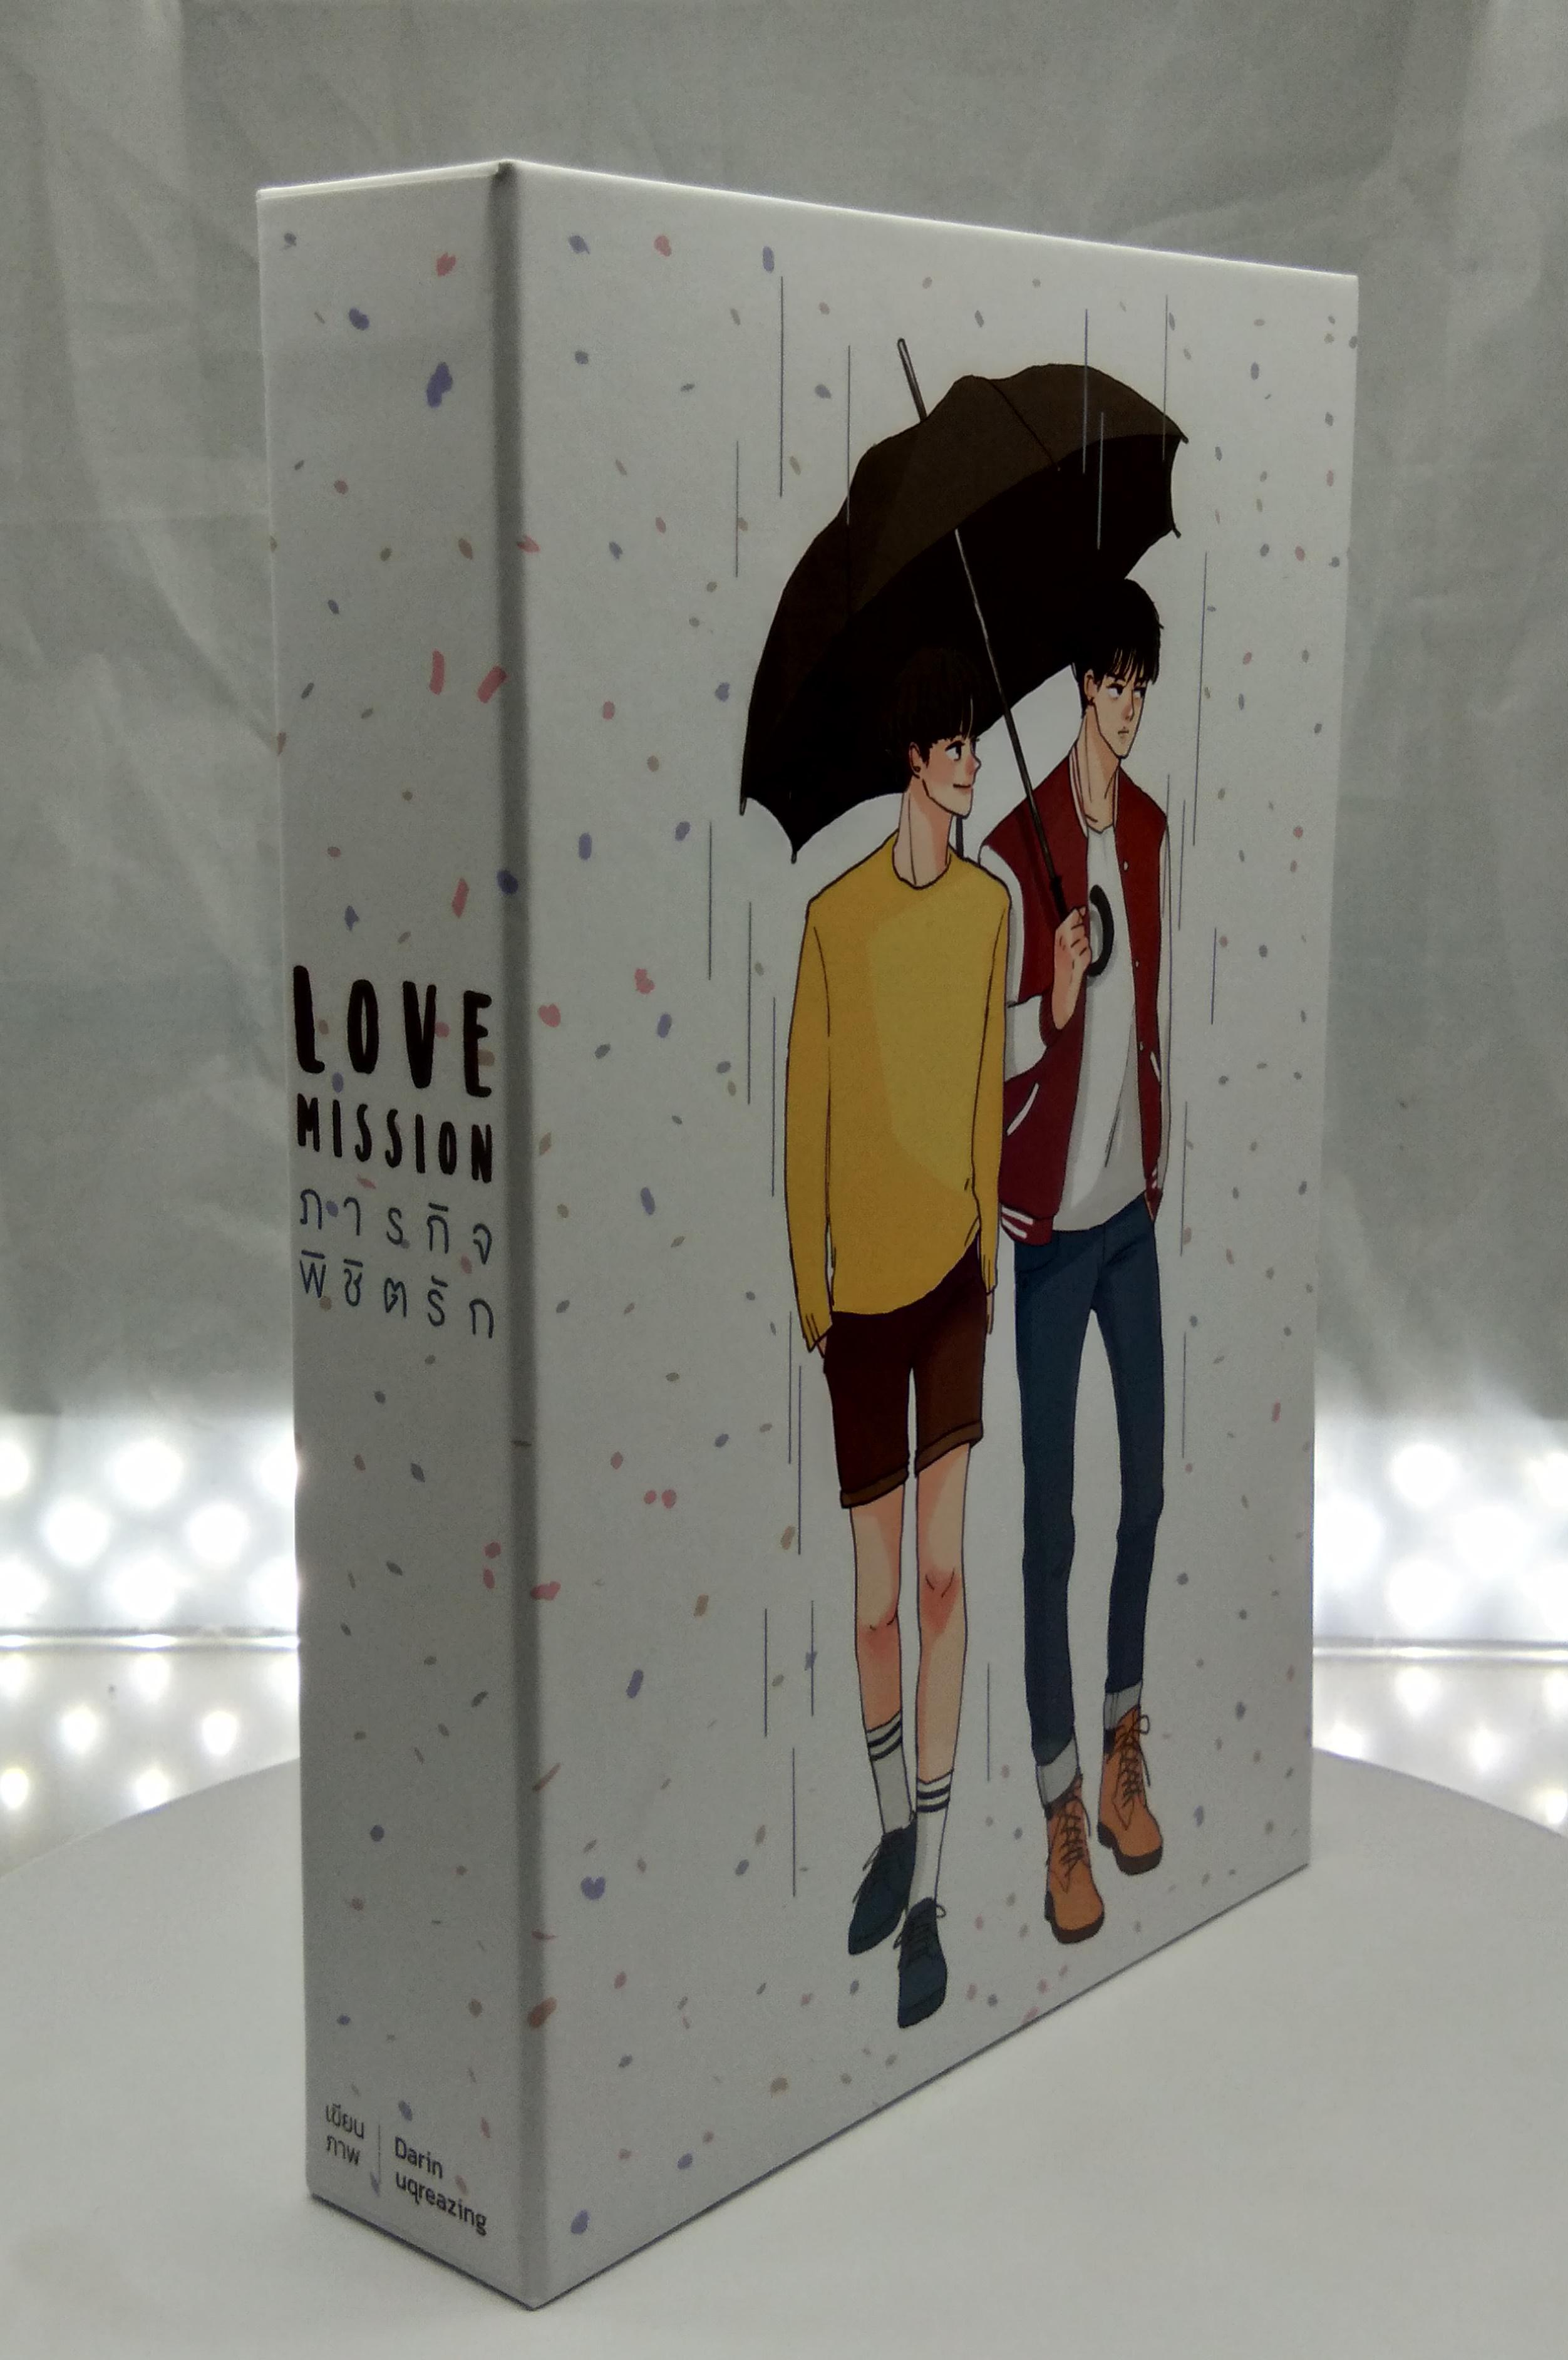 กล่องเปล่า ชุด Love Mission ภารกิจพิชิตรัก